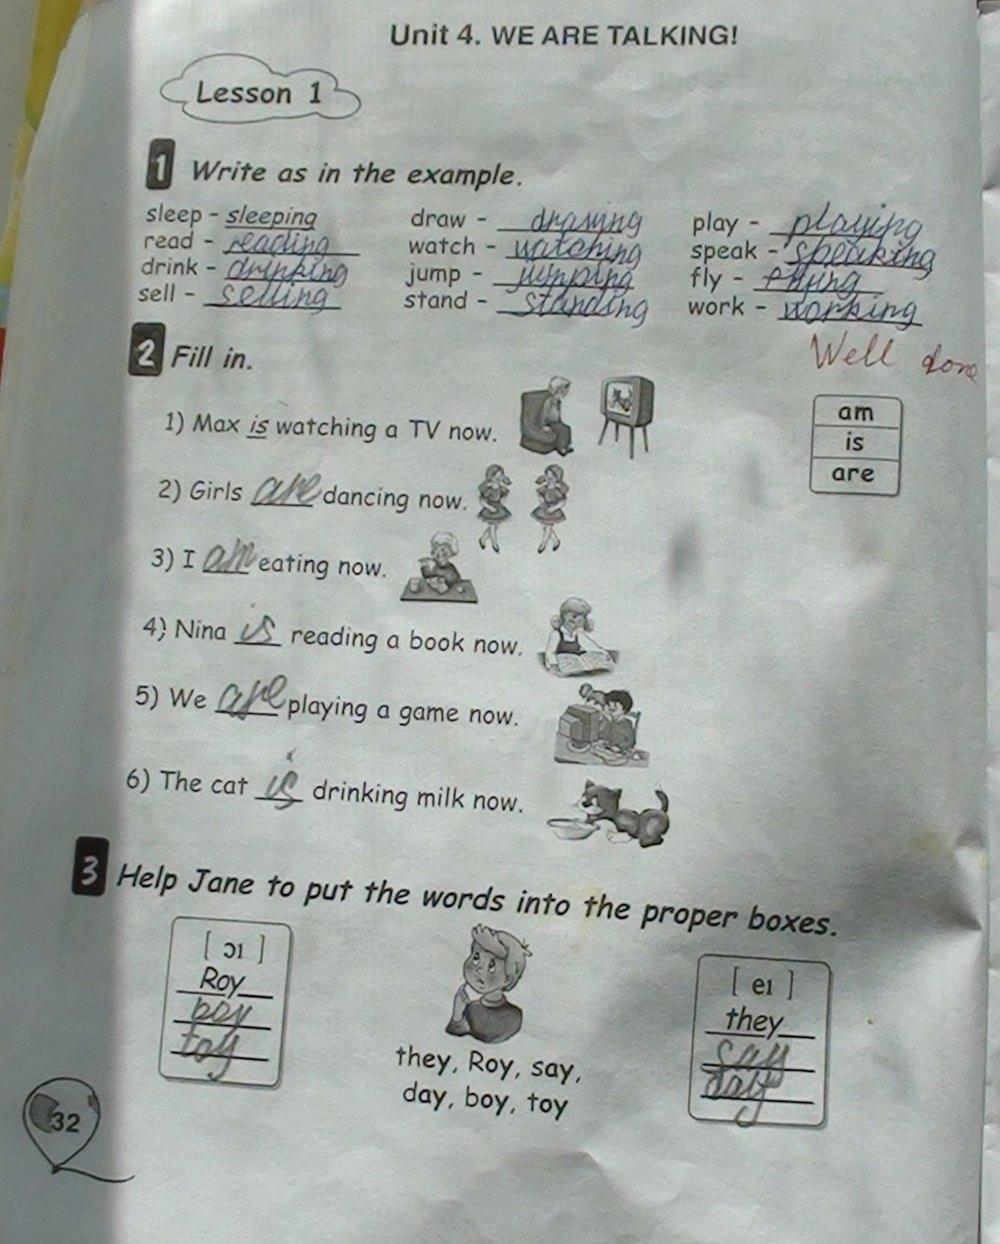 гдз 7 класс английский язык workbook карпюк